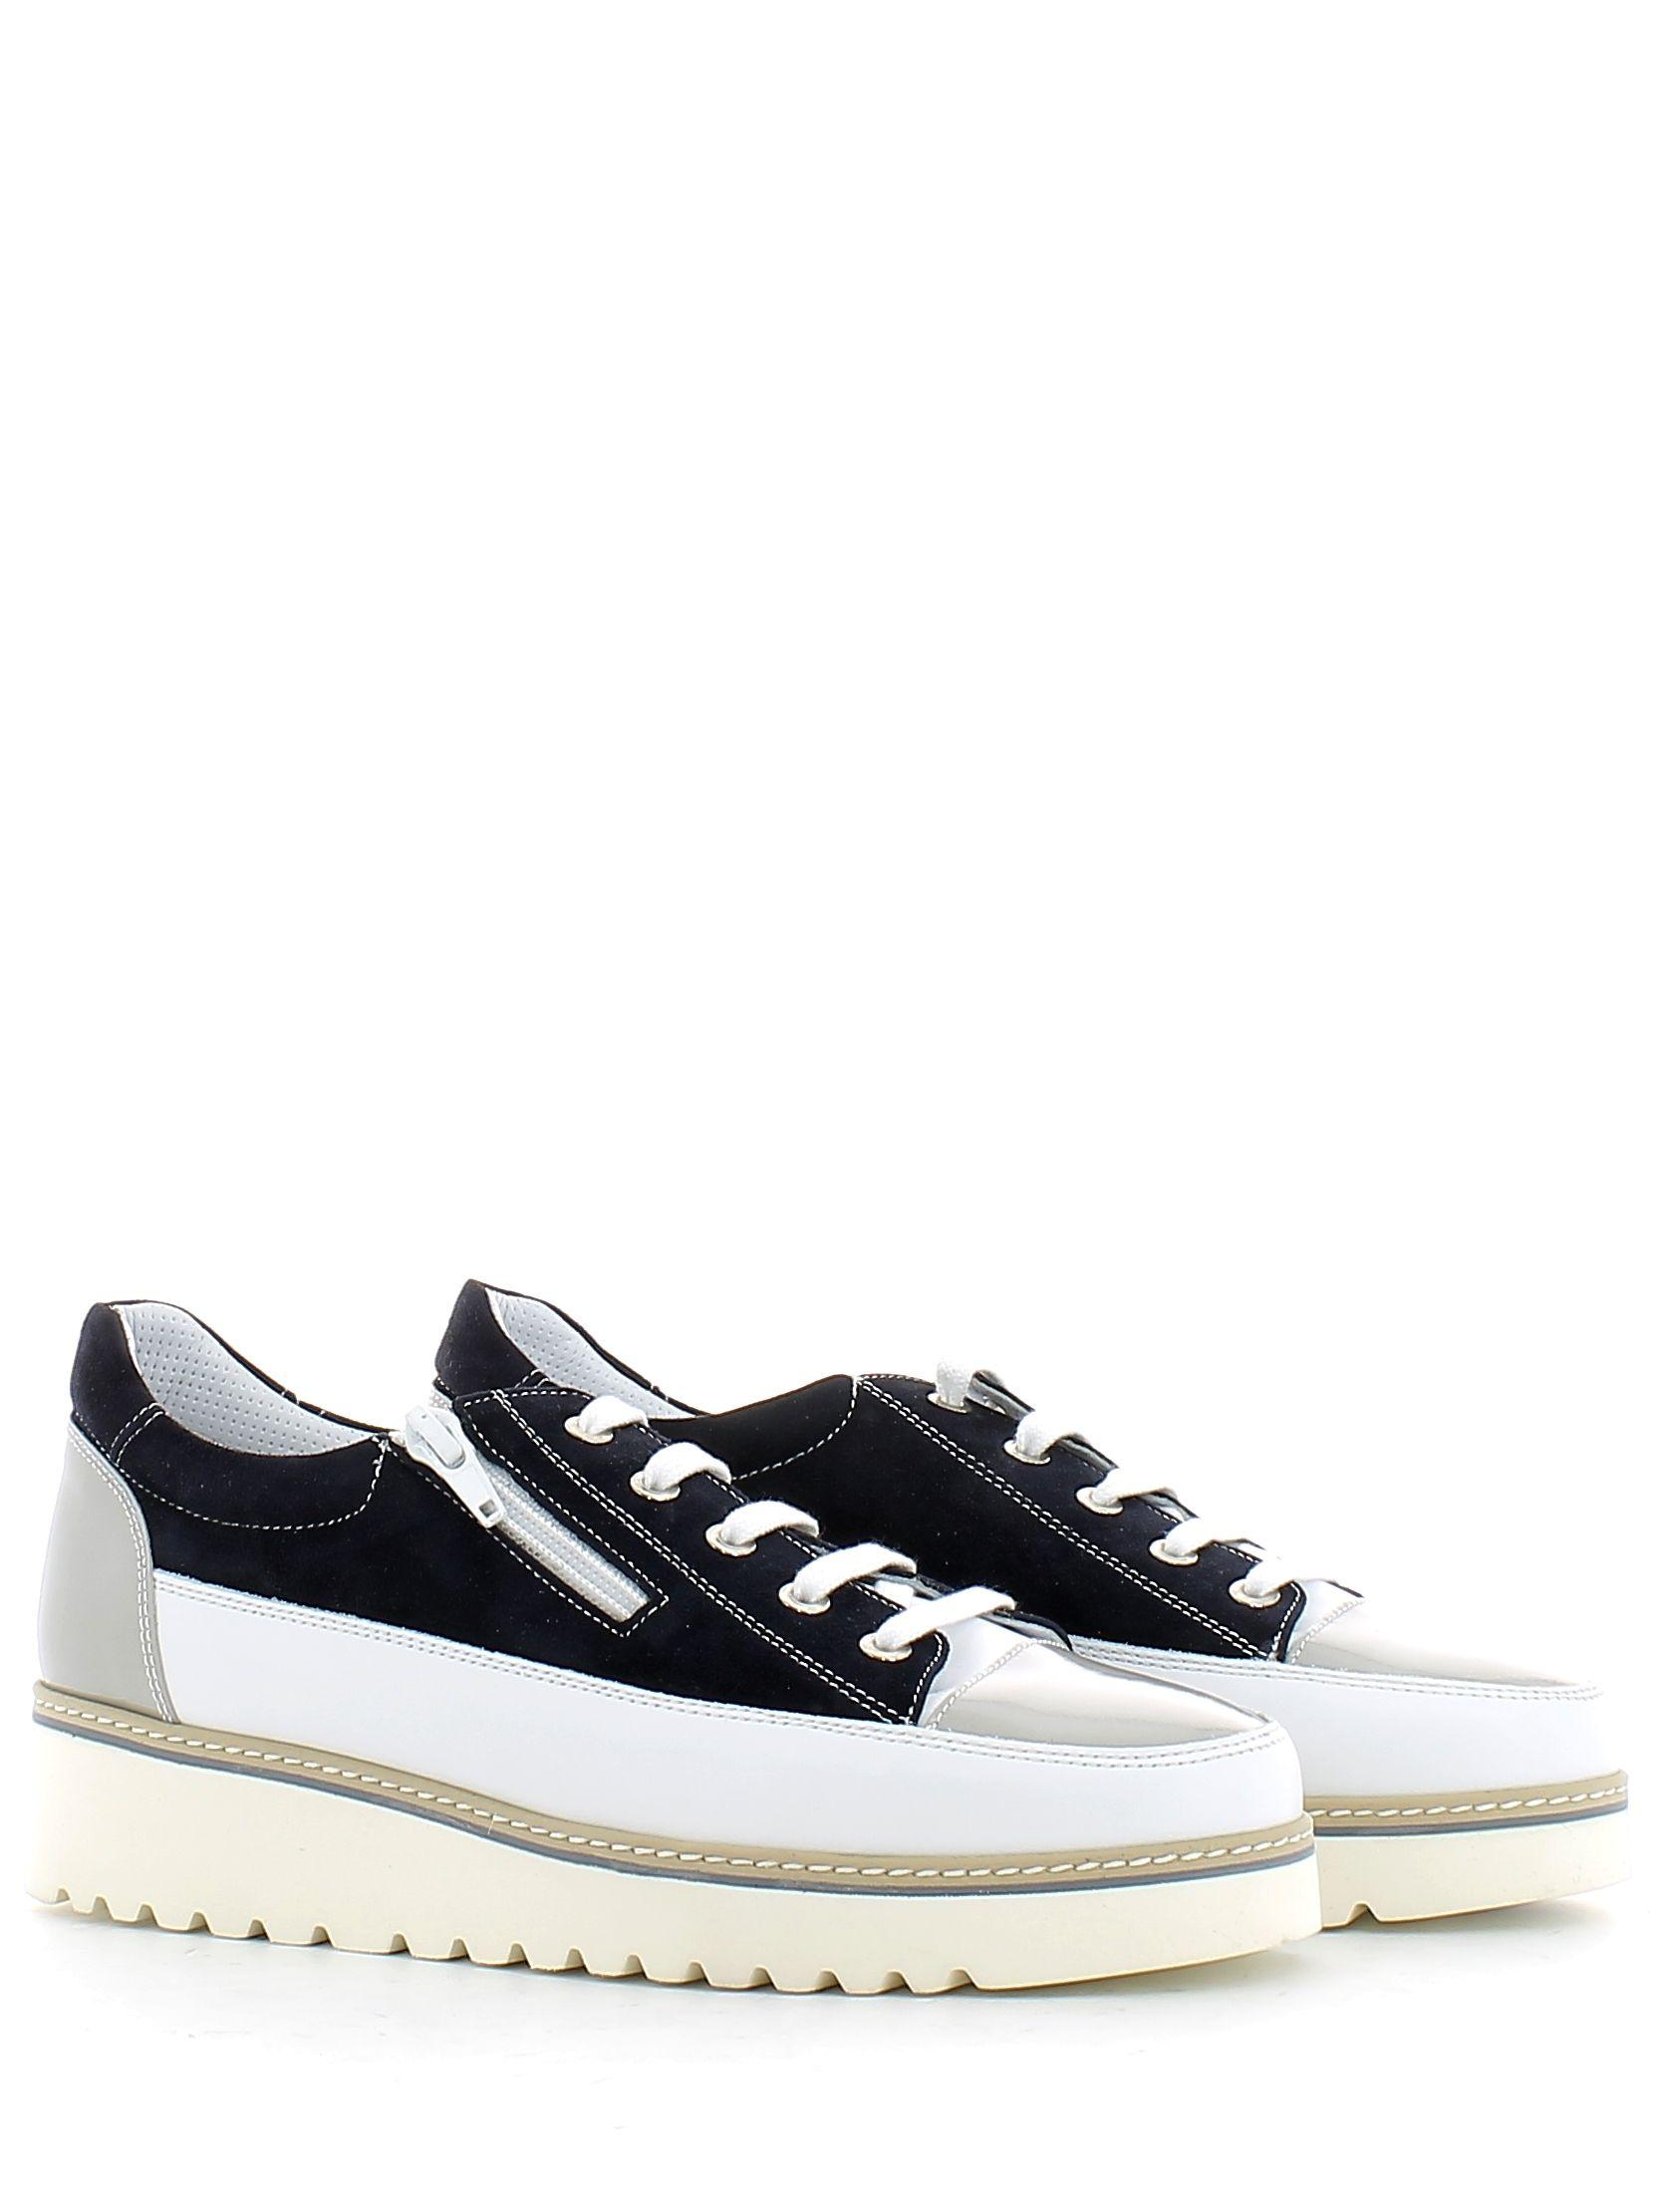 Sneakers e Scarpe Sportive Donna